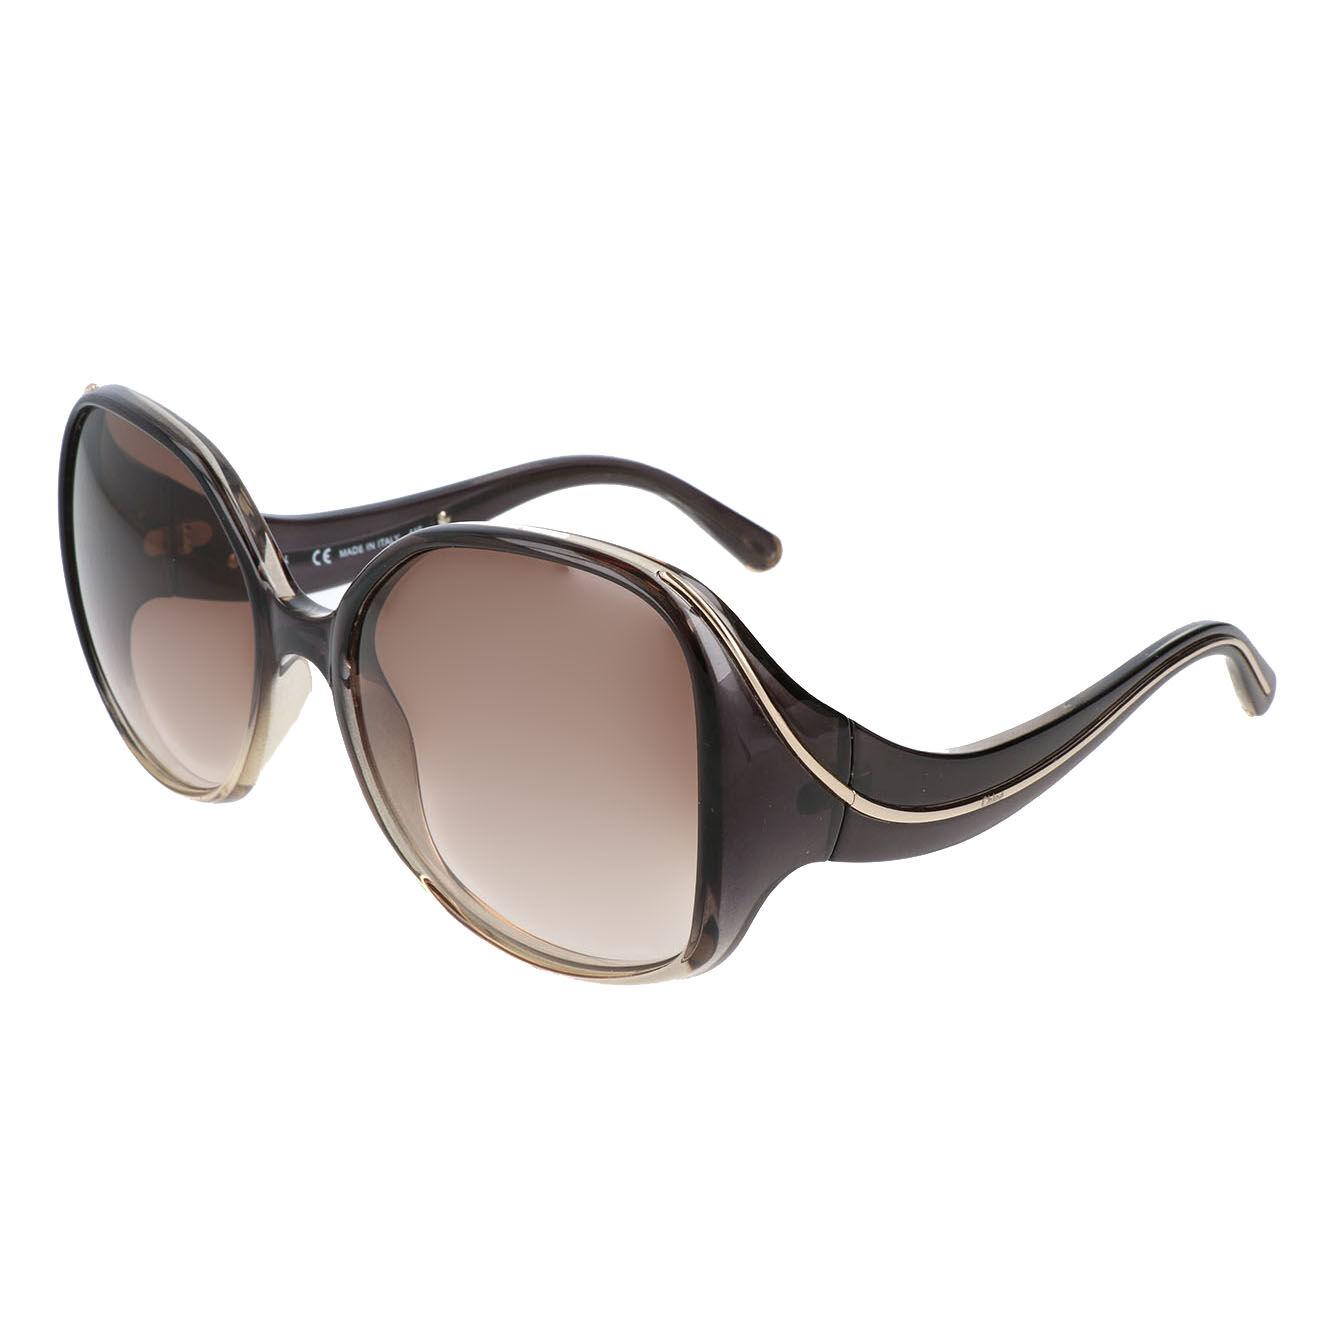 Chloé-femme-lunettes de soleil femme grises-t.u